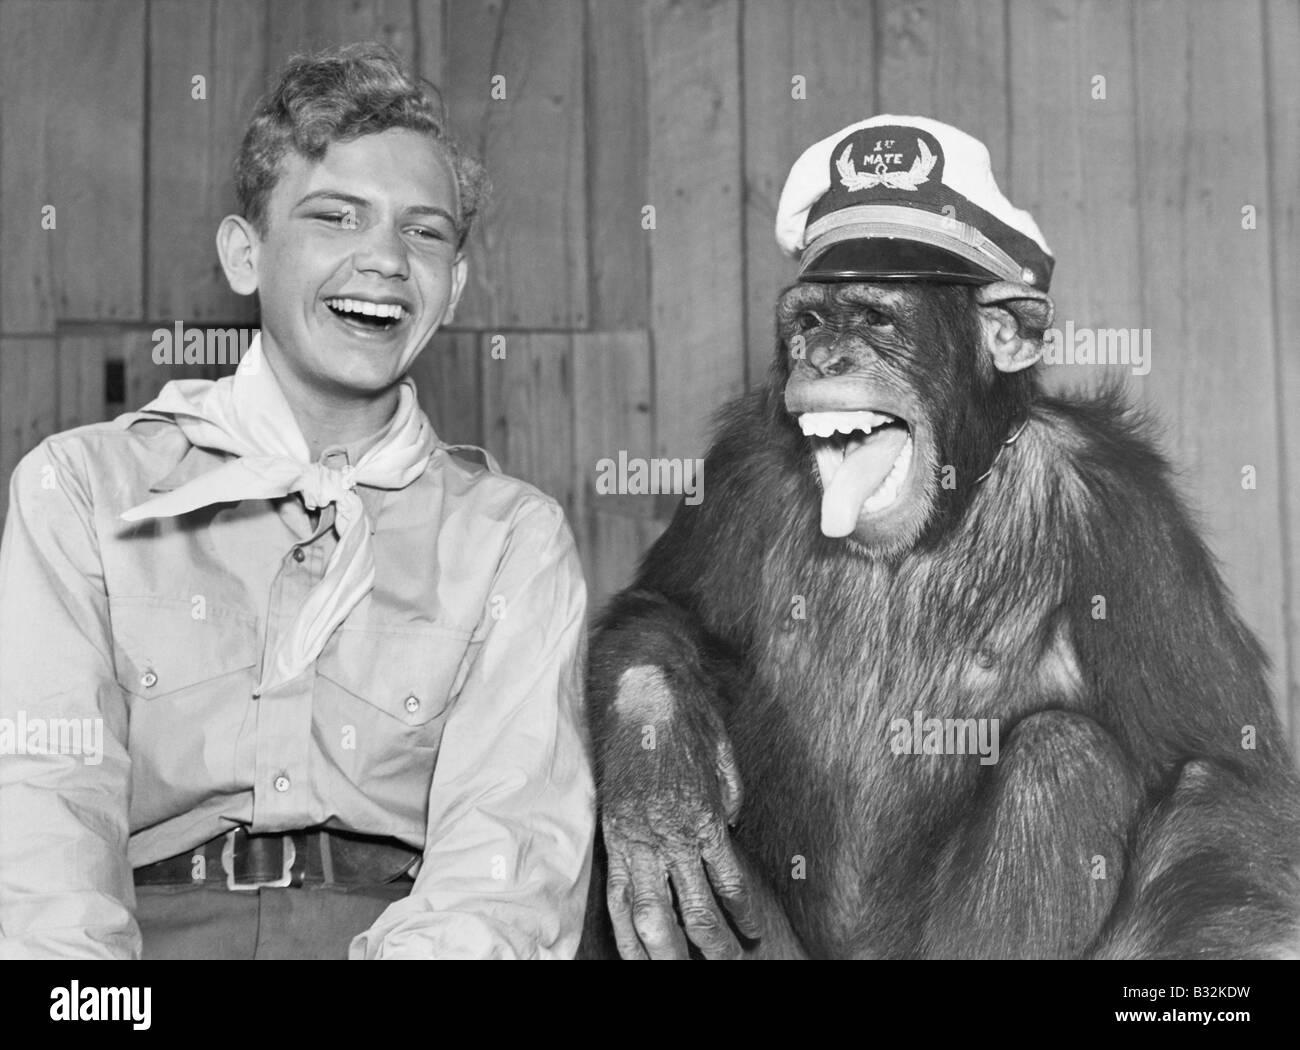 Laughing boy scout y los monos vestidos de HAT Imagen De Stock